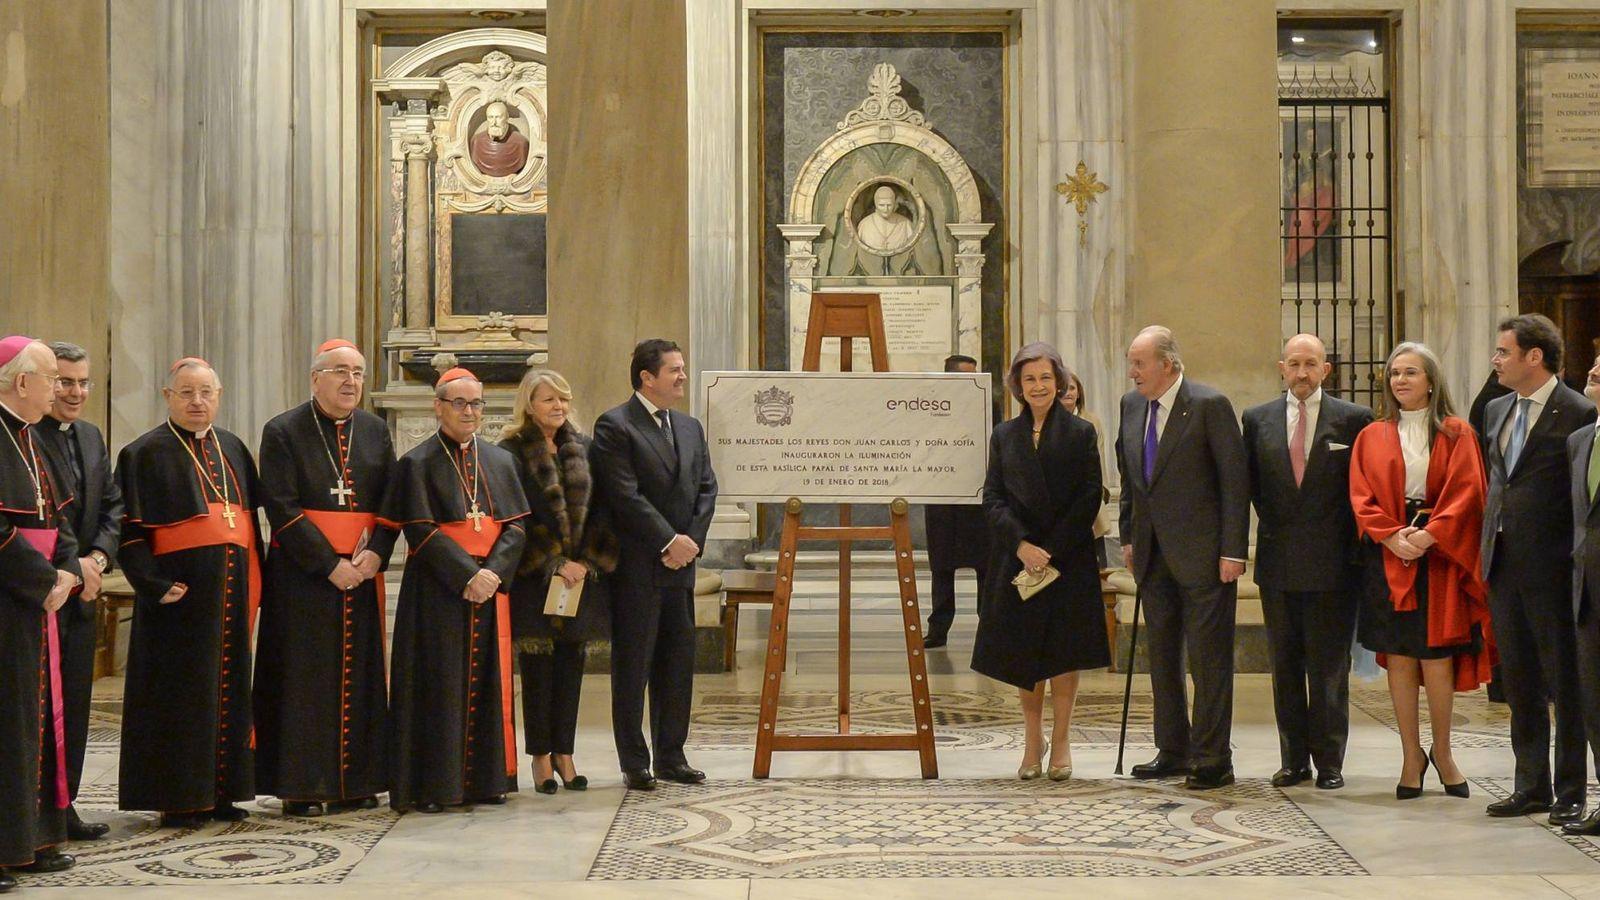 Foto: Los reyes eméritos don Juan Carlos y doña Sofía con el presidente de Endesa, Borja Prado y  otras autoridades eclesiásticas y civiles junto a la placa conmemorativa del acto. (Fundación Endesa)